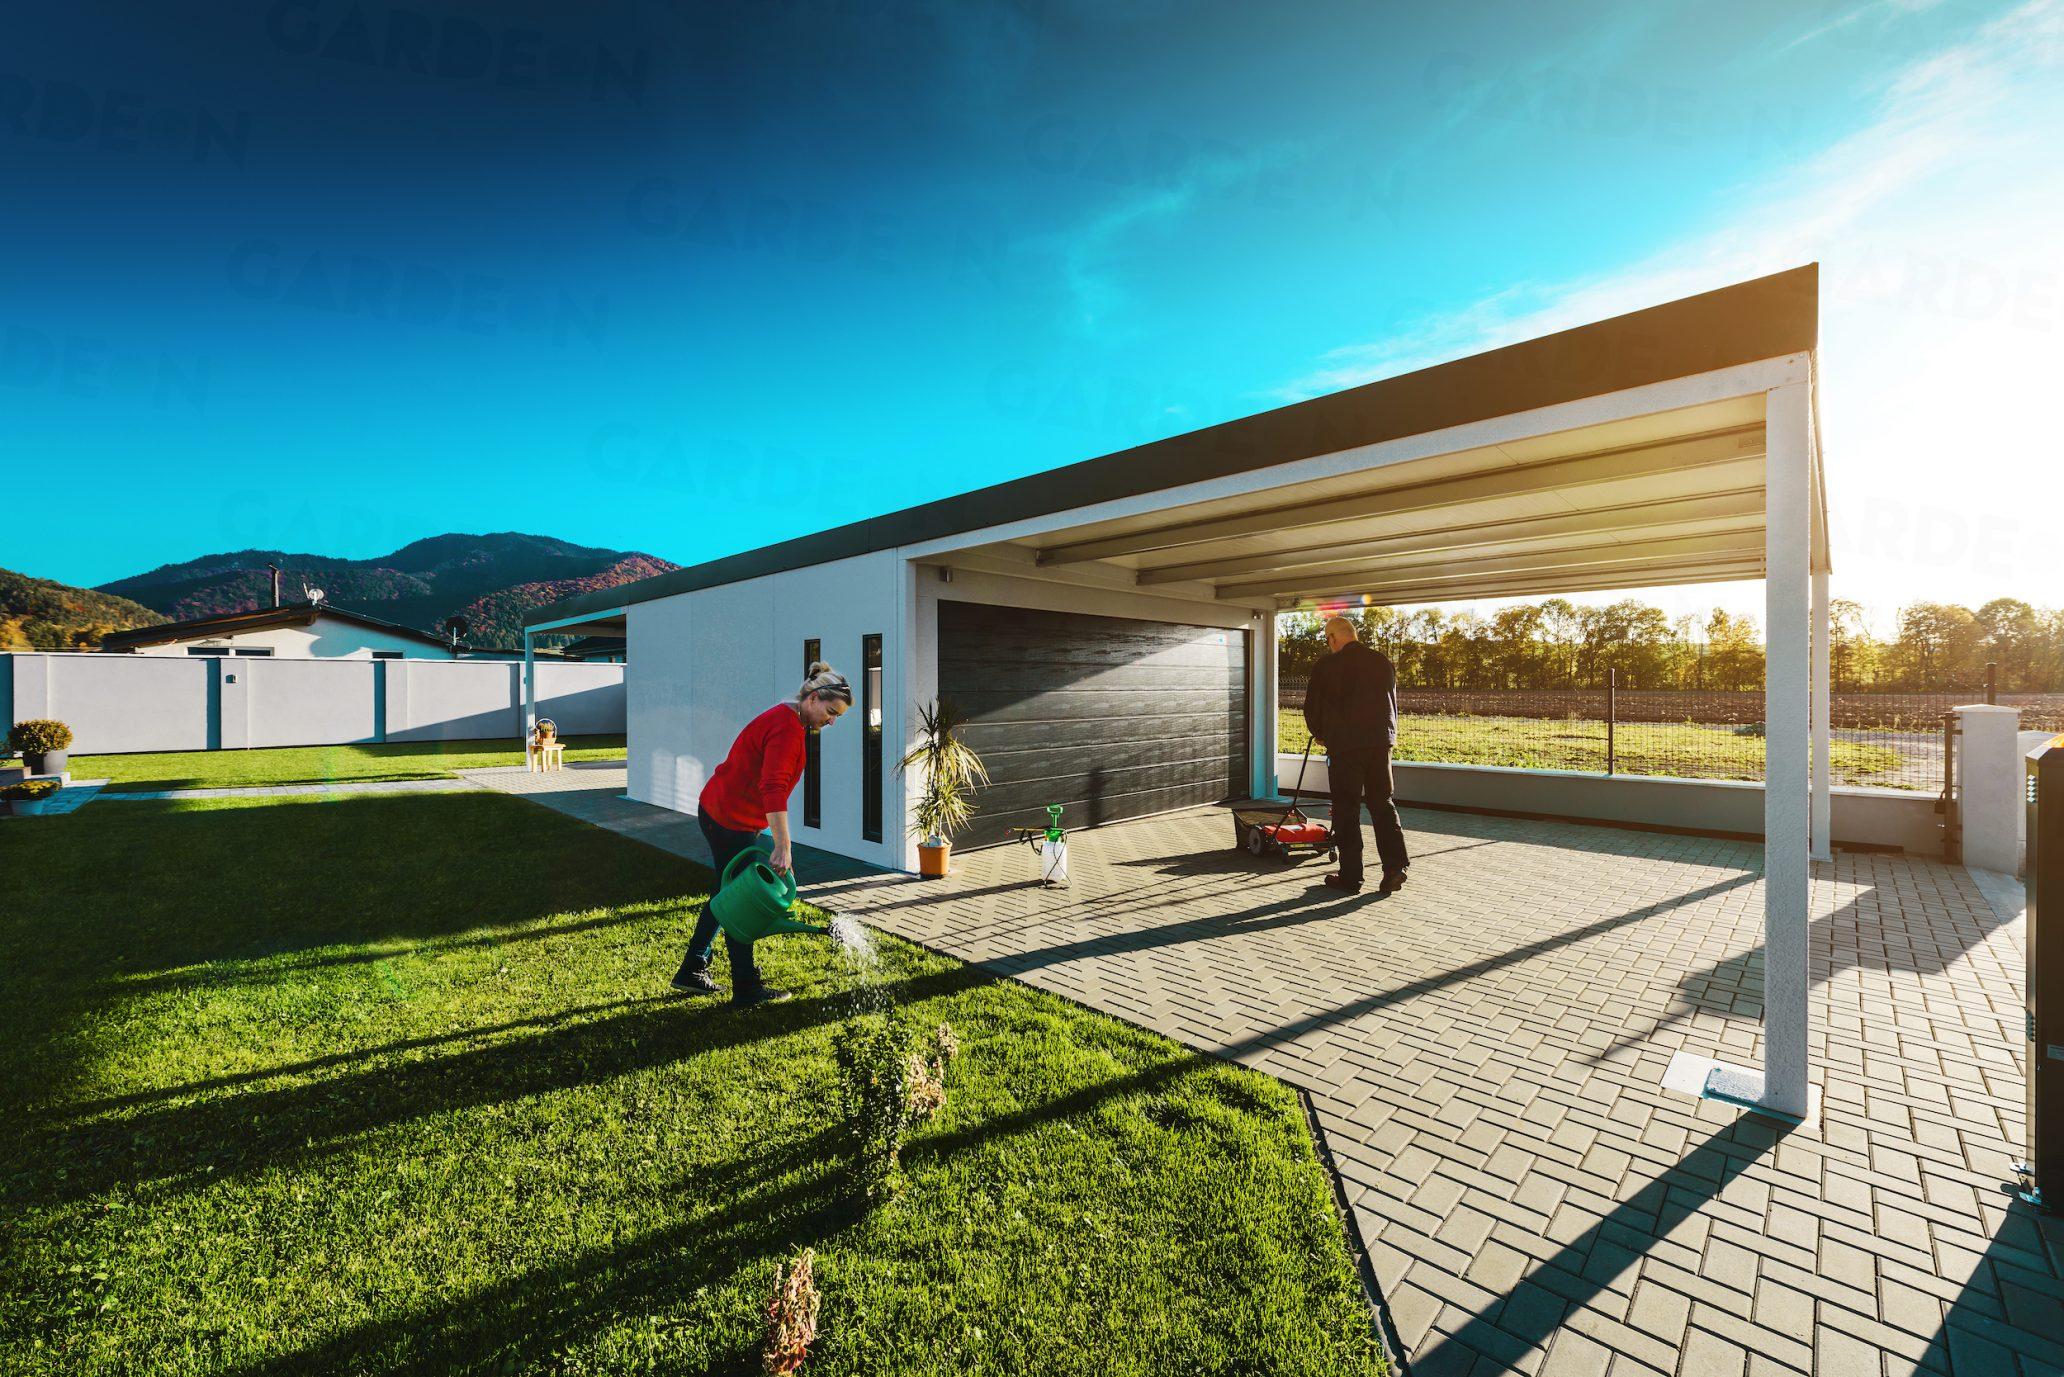 Eine Garage für 2 Auto mit Überdachung vorne und hinten